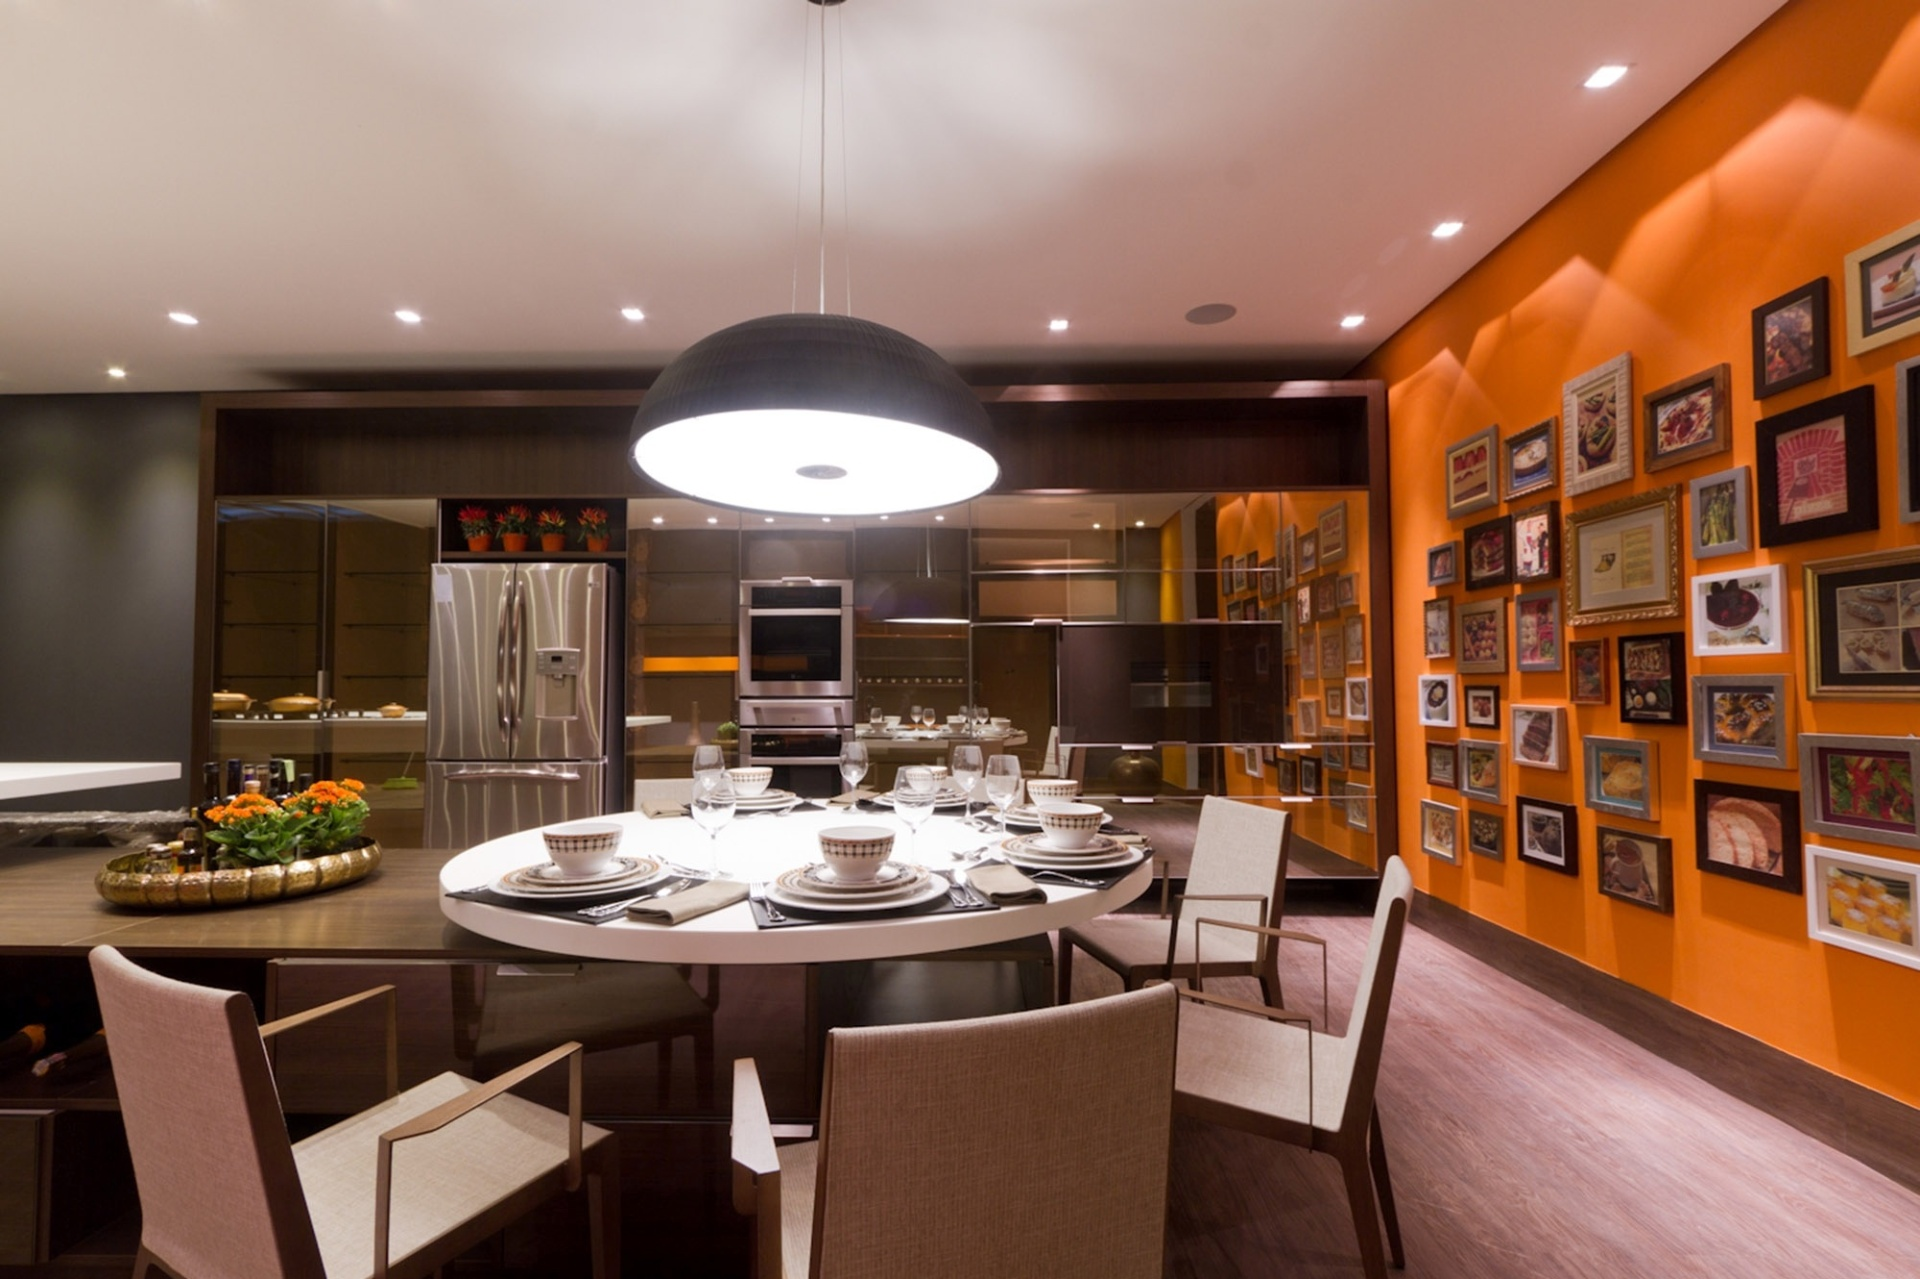 Casa Cor MT - 2012: a Cozinha criada pela arquiteta Tanise Tonin tem uma de suas paredes pintada com um laranja intenso. Na superfície, uma série de quadros com temática culinária dá personalidade ao espaço